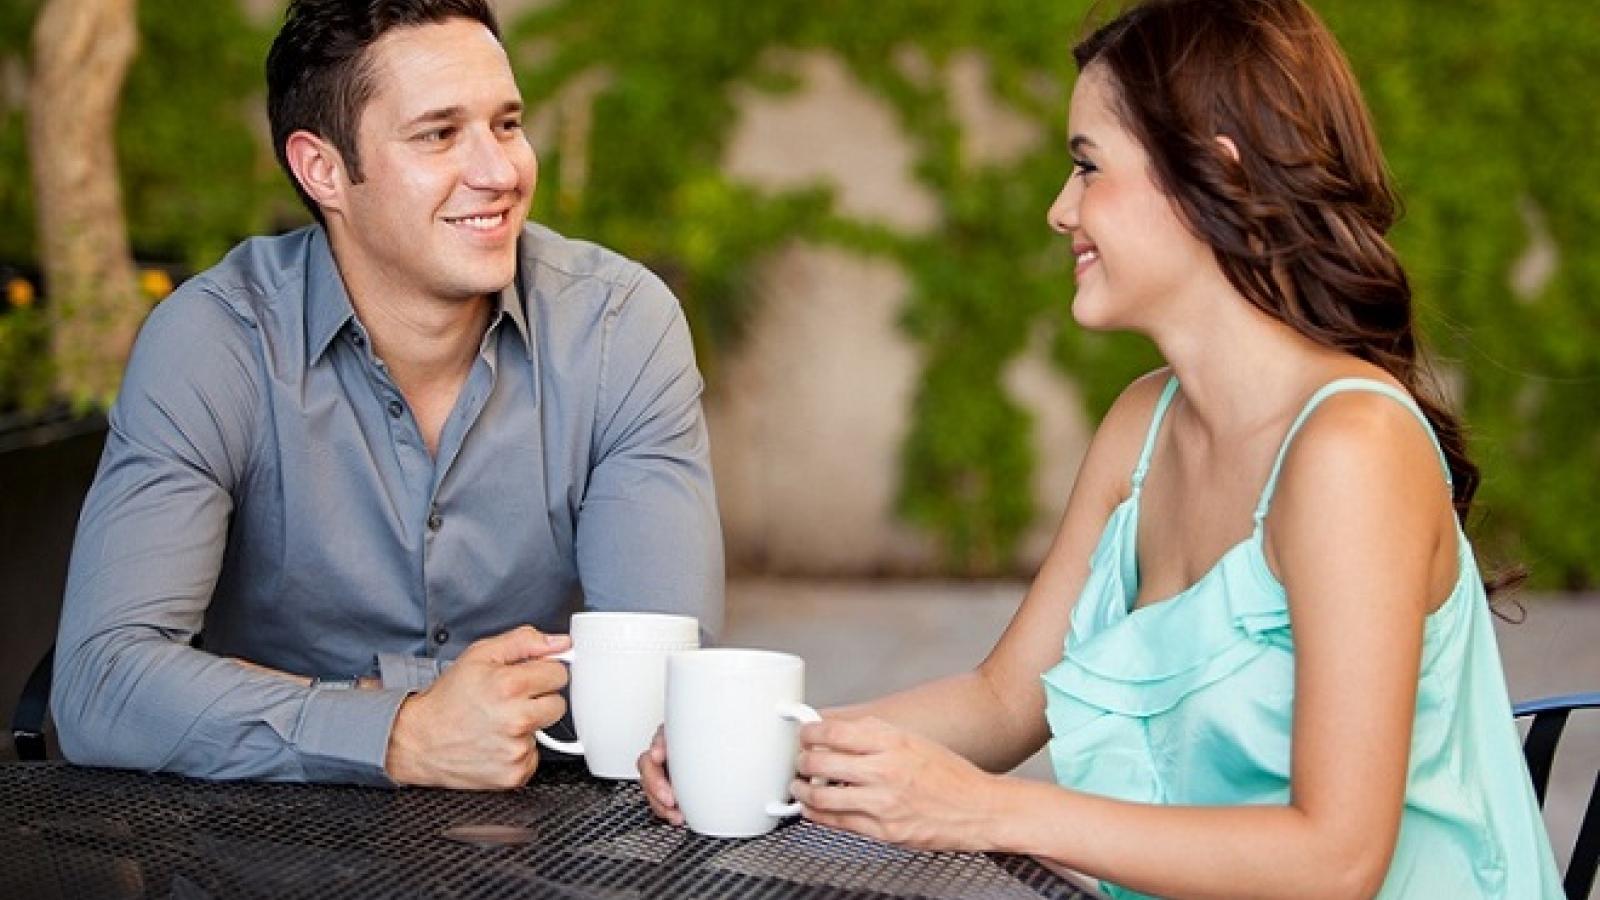 Lời khuyên dành cho cha mẹ đơn thân khi hẹn hò